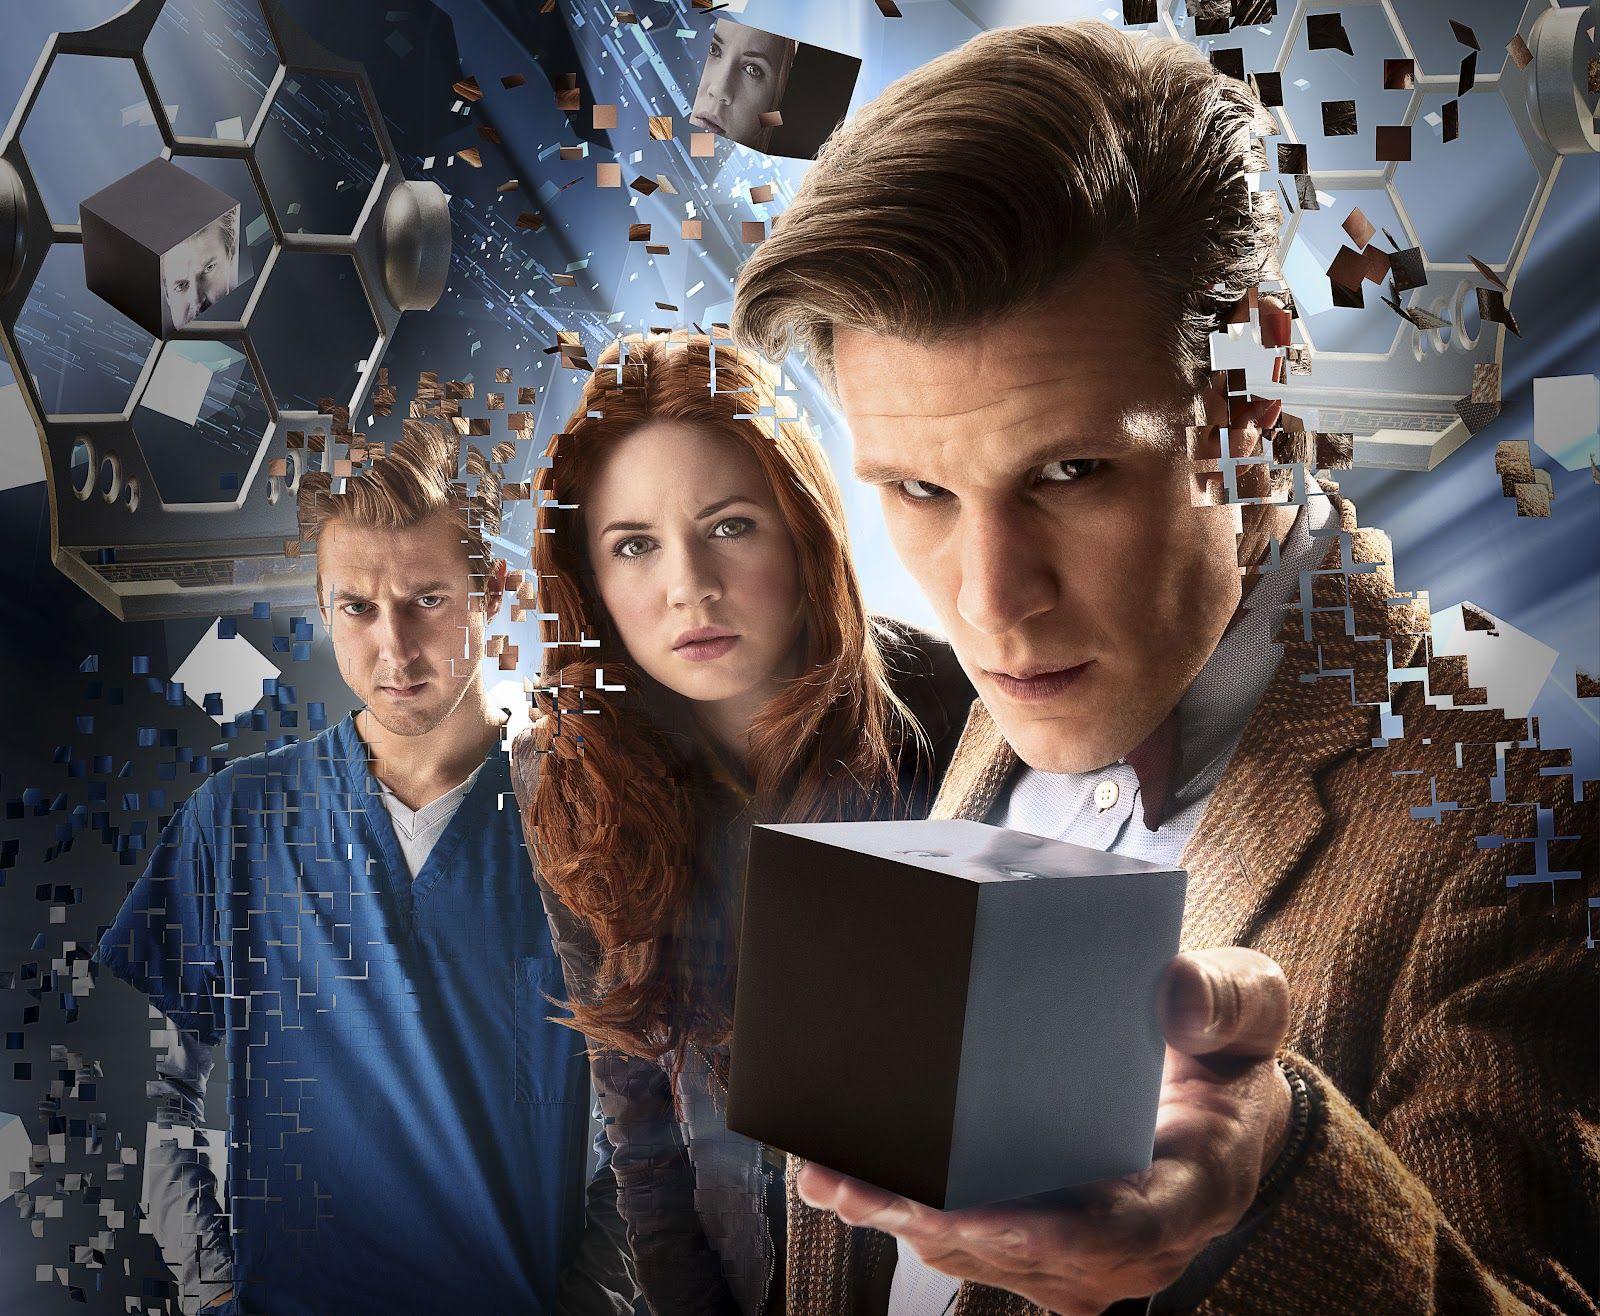 Goodbye to (con imágenes) Doctor who, Noticias de